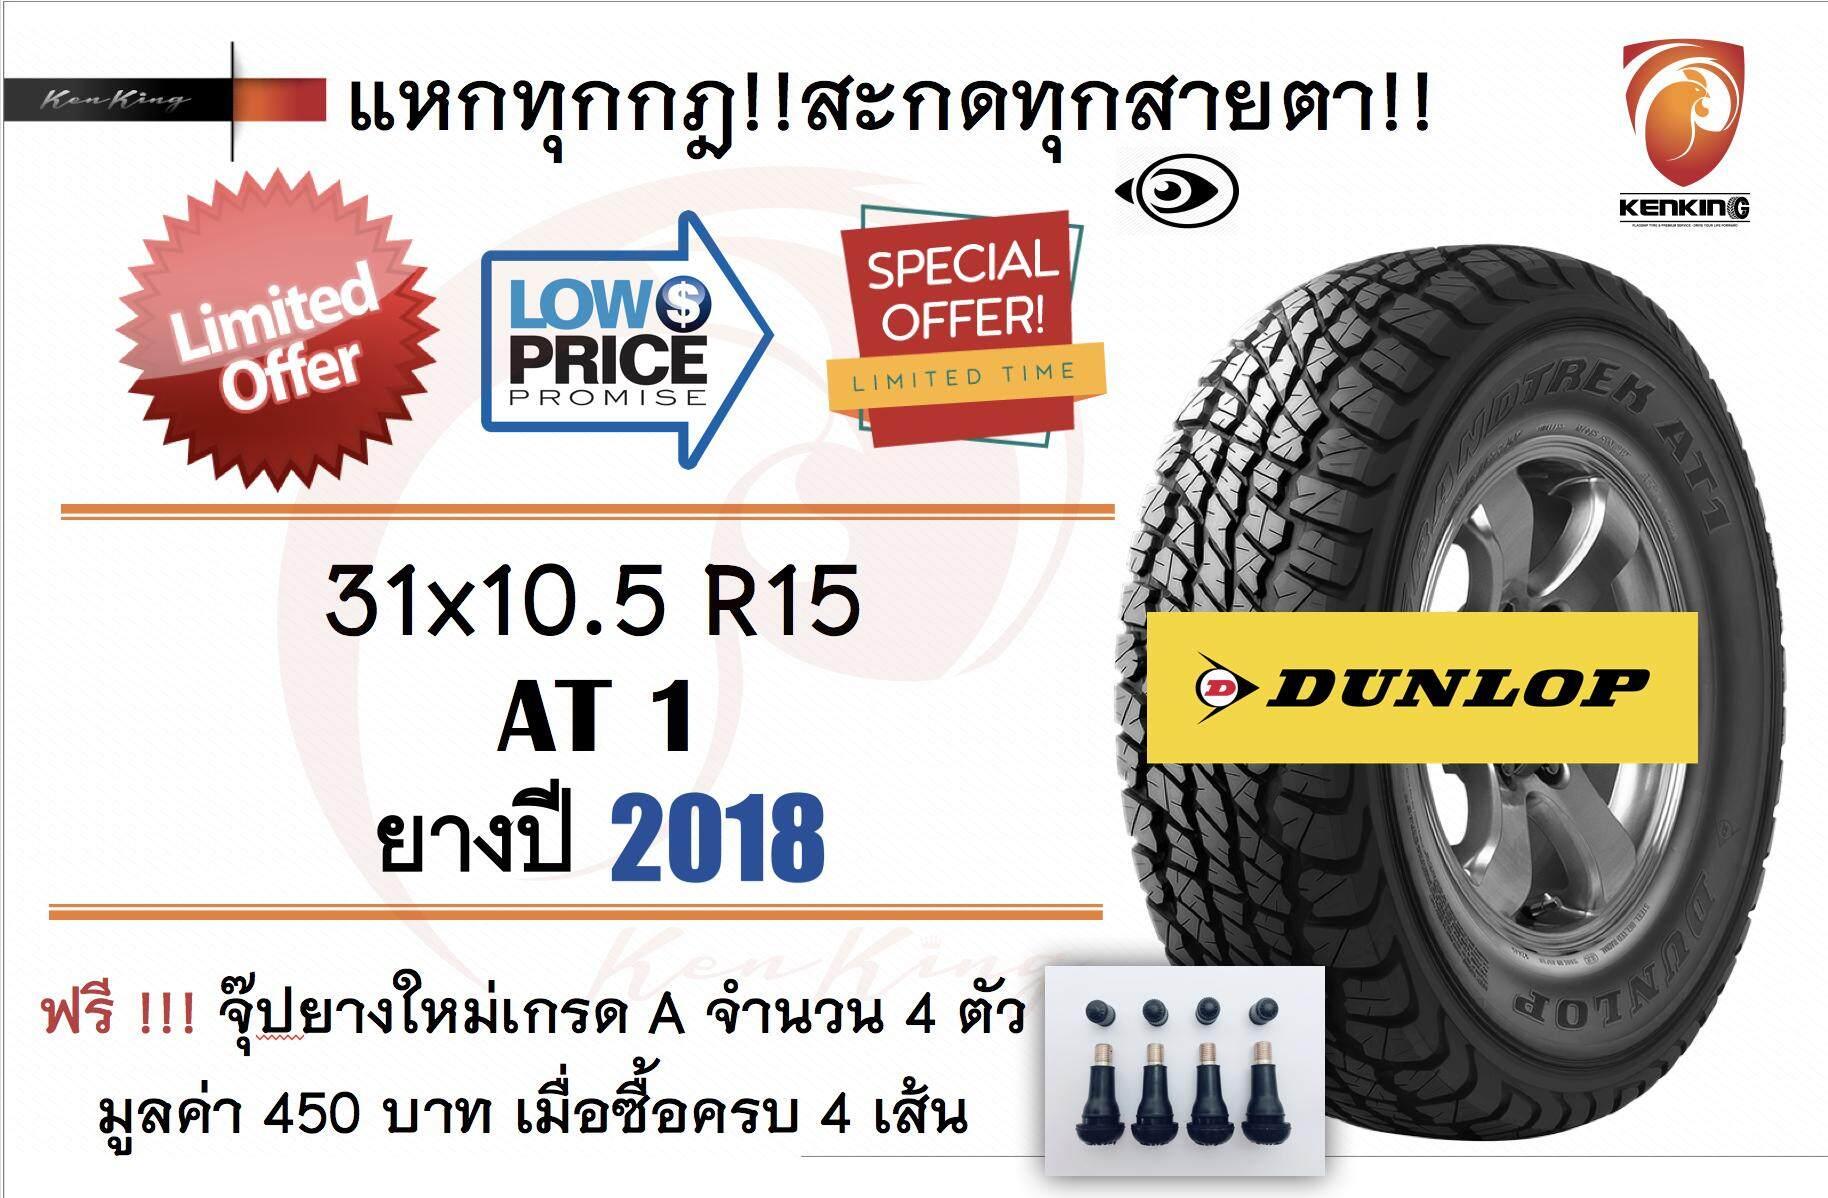 โคราชกรุงเทพมหานคร ยางรถยนต์ขอบ15 Dunlop  NEW!! 31x10.5 R15 AT1 New 2019 !! ( 1 เส้น ) FREE !! จุ๊ป PREMIUM BY KENKING POWER 650 บาท MADE IN JAPAN แท้ (ลิขสิทธิืแท้รายเดียว)